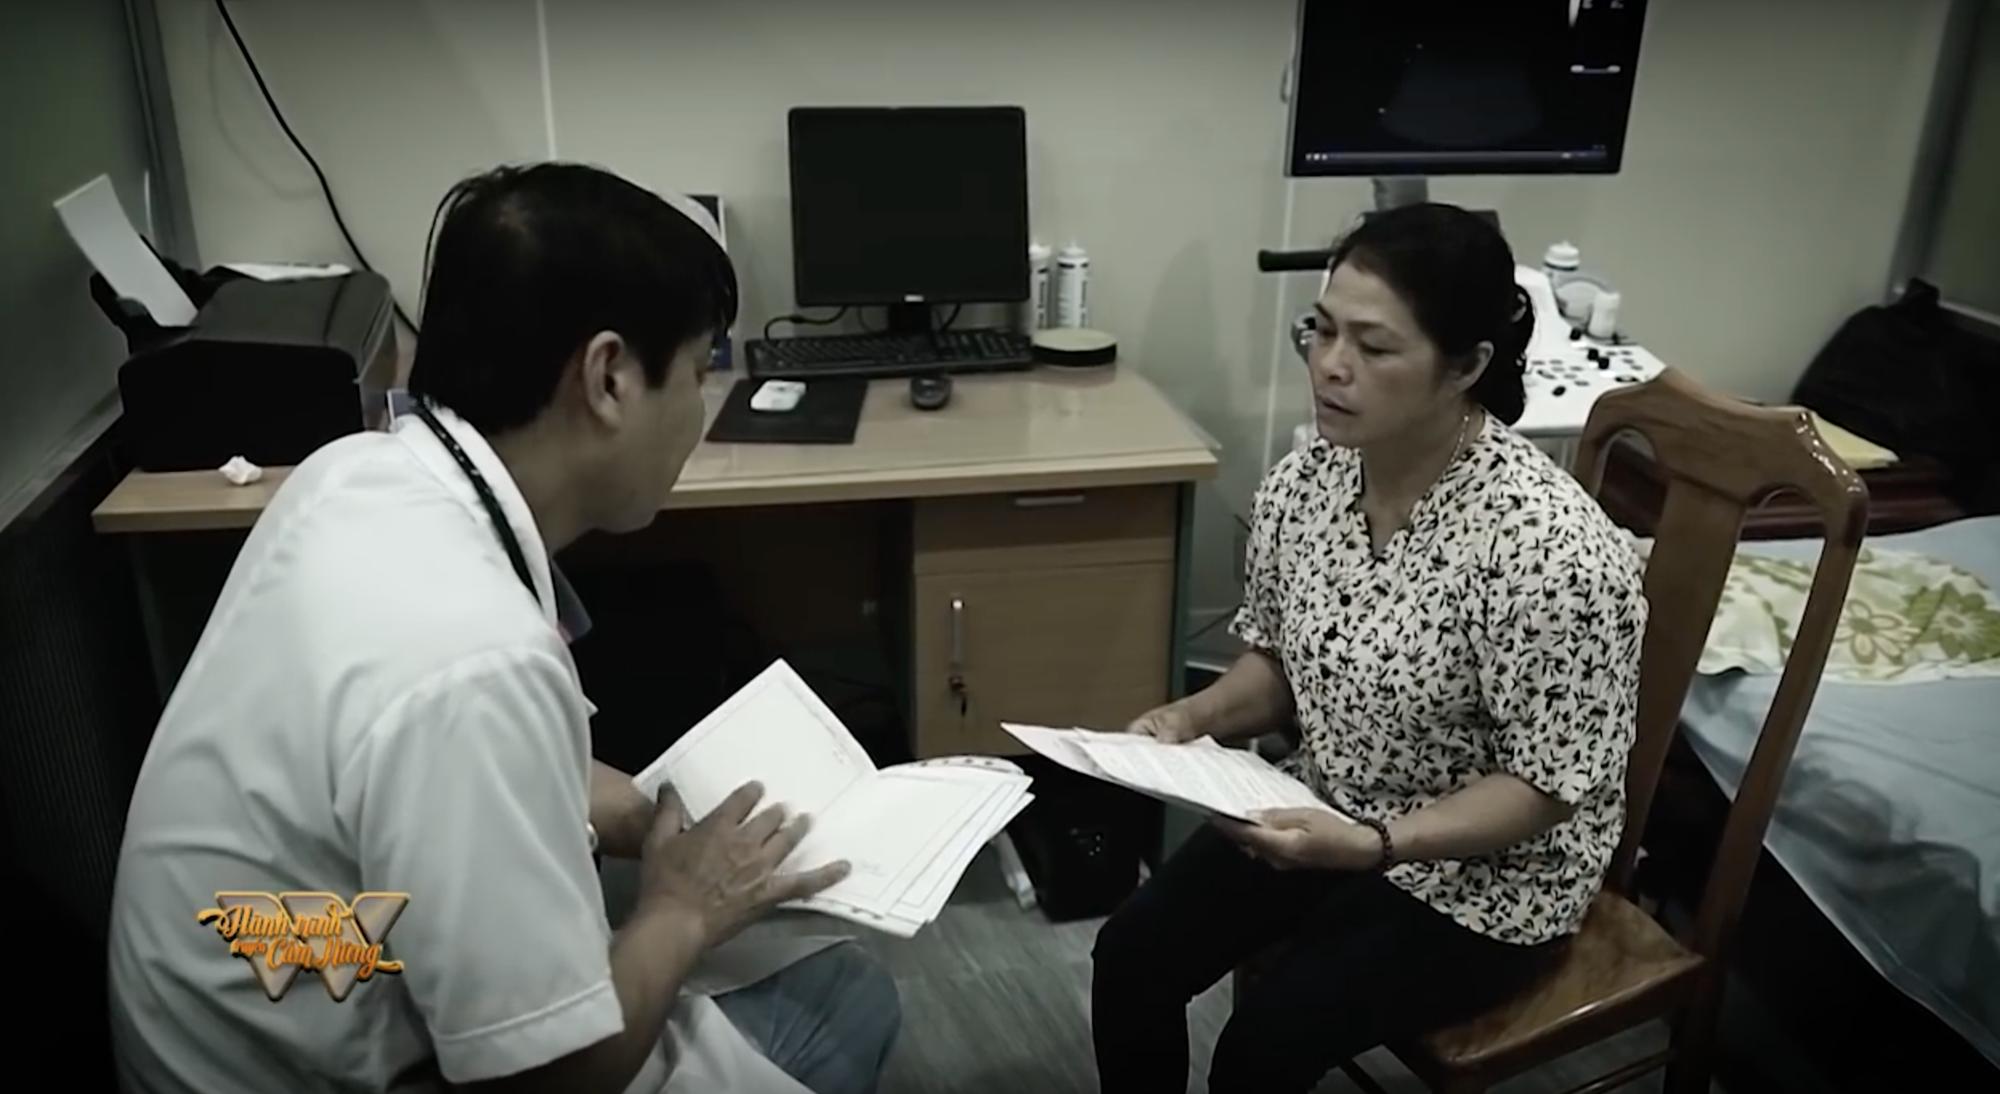 Chuyện cô giáo trẻ hơn 10 năm chống chọi với ung thư giai đoạn cuối: Hôm con nhận giấy báo đỗ Đại học, cô rất buồn... - Ảnh 2.